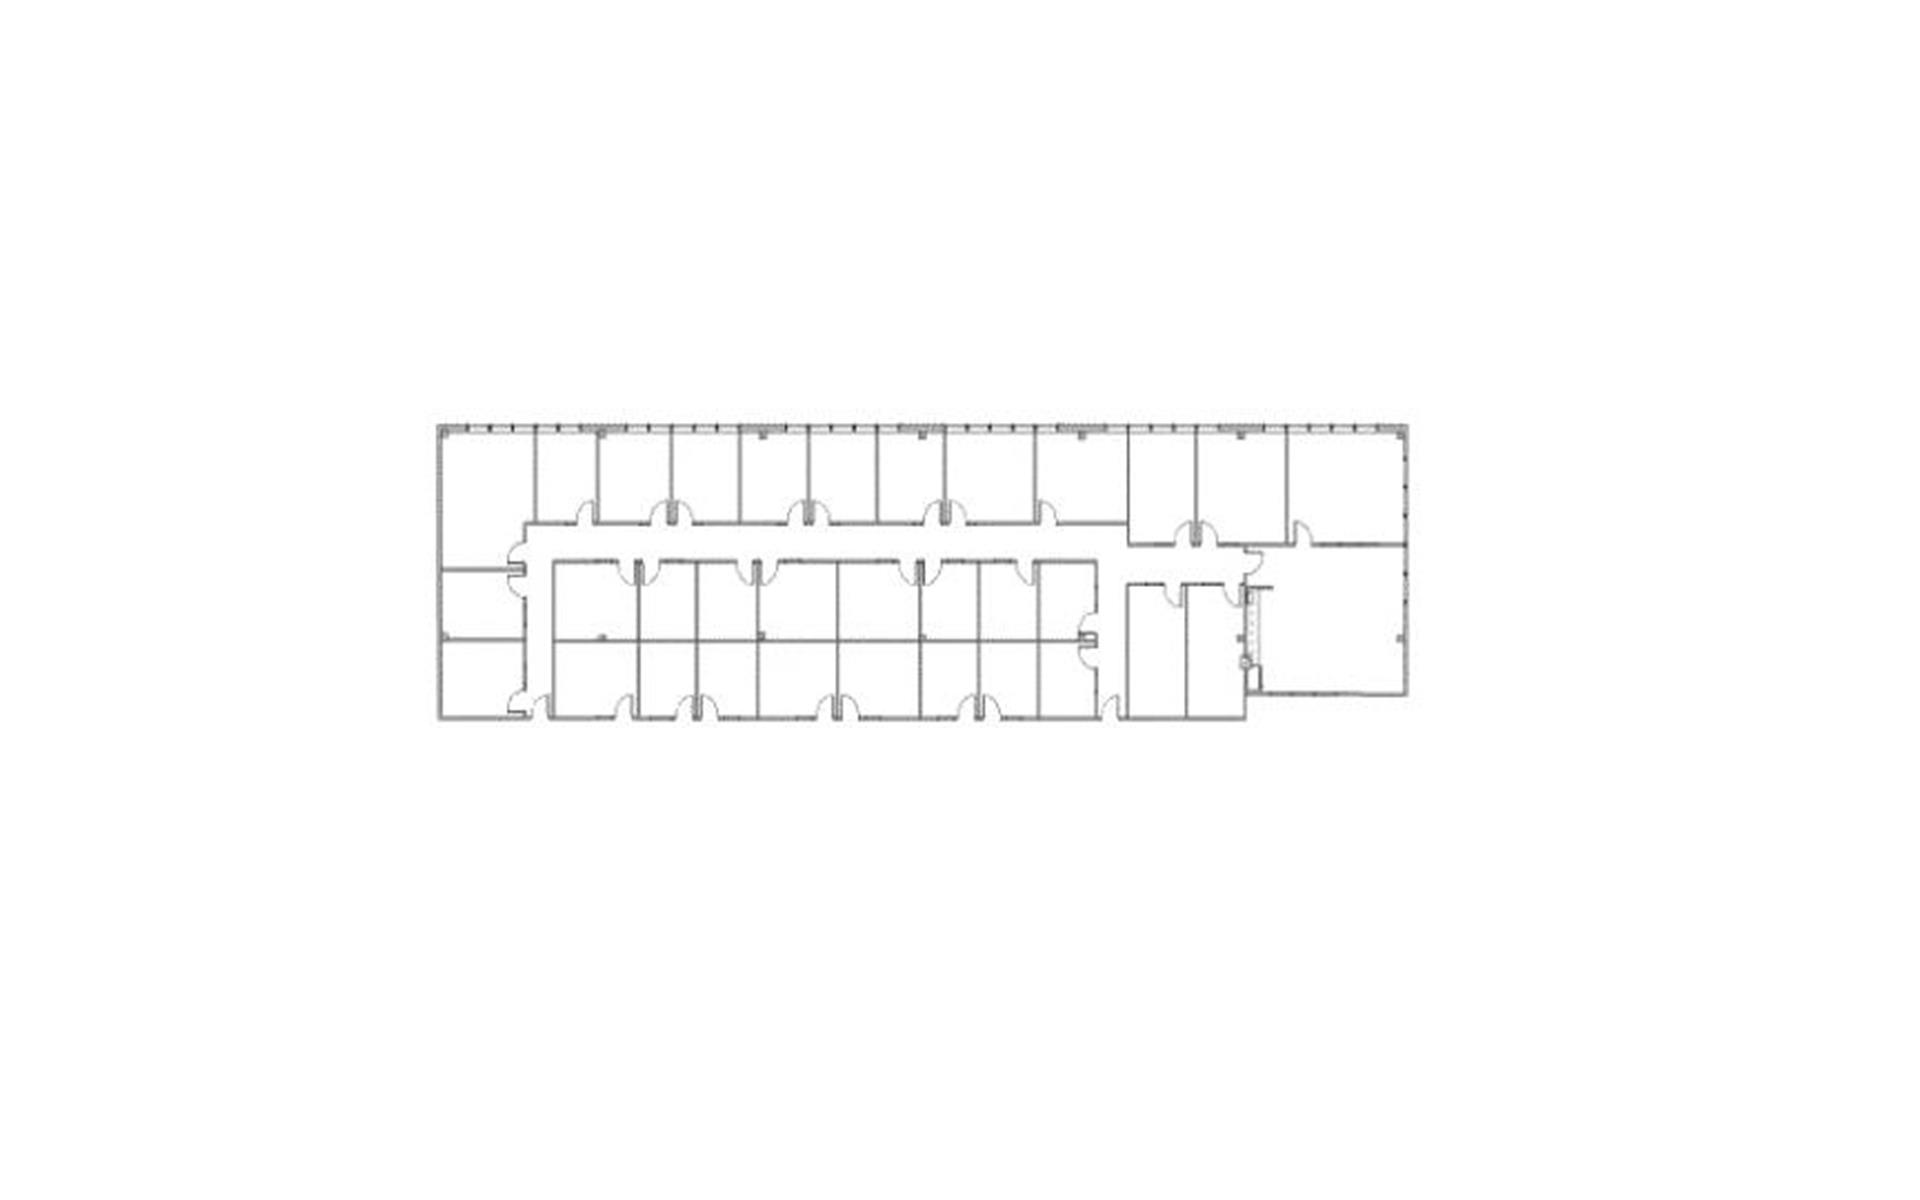 Boxer - Metrocenter Business Park - Team Space | Suite C100-123.01